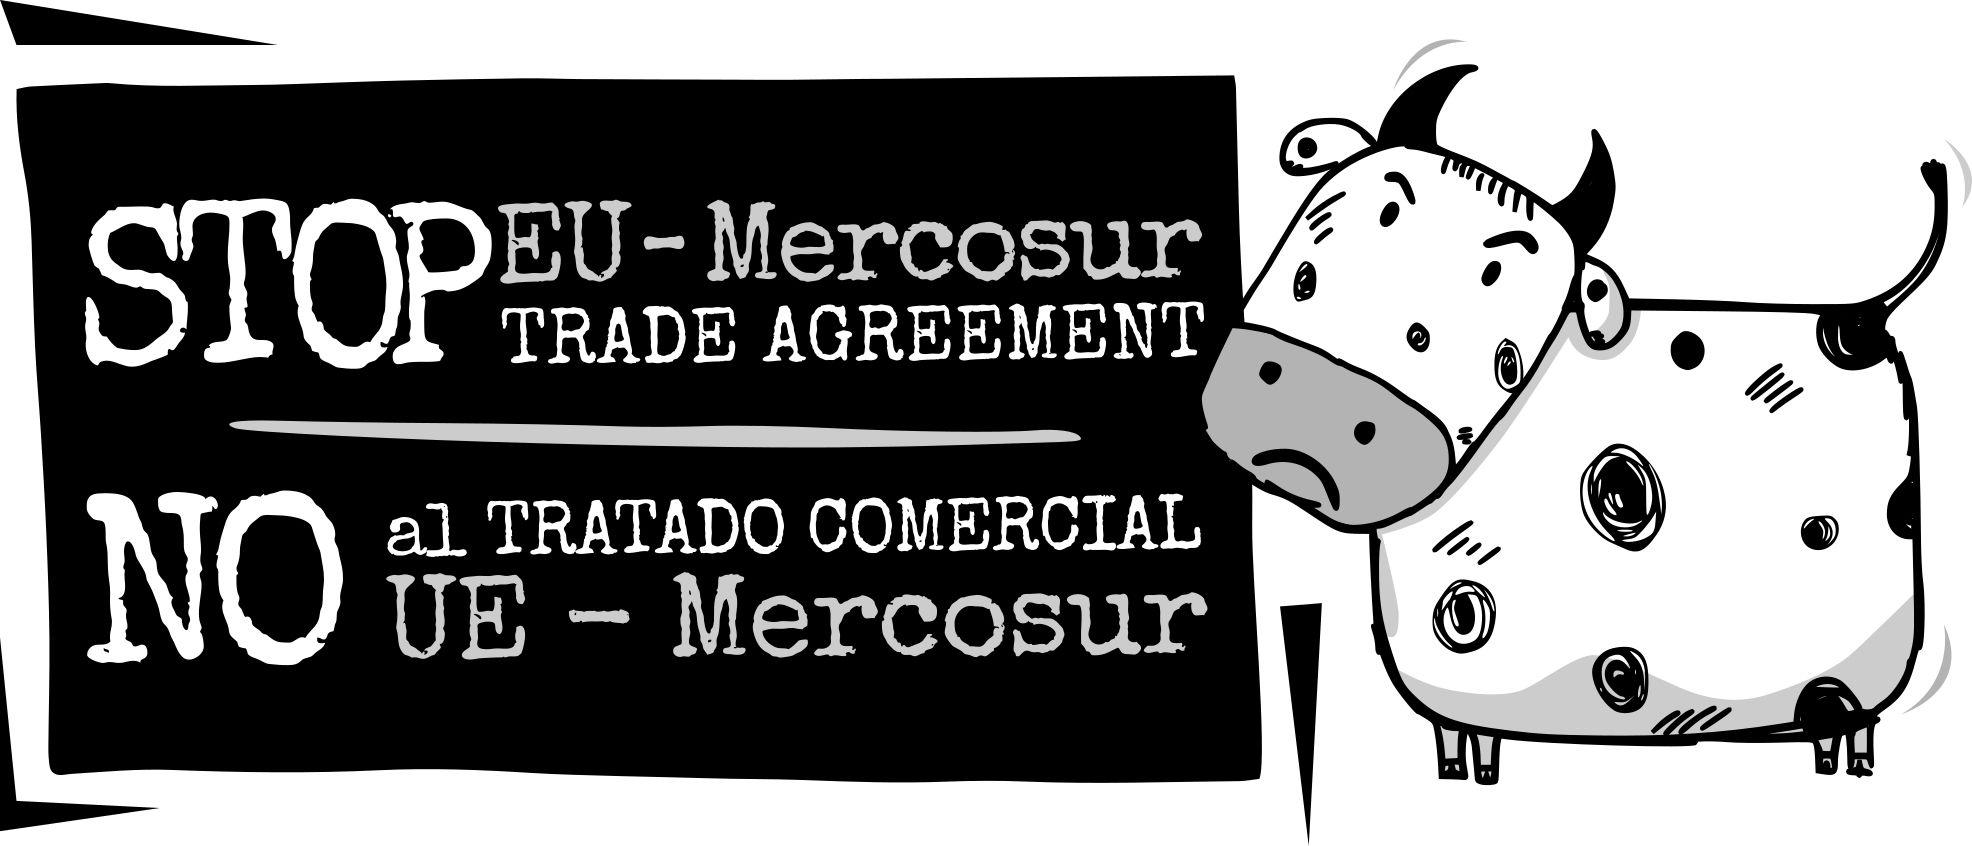 Nein zu EU-Mercosur: ÖBV-Via Campesina Austria begrüßt Beschluss im Parlament